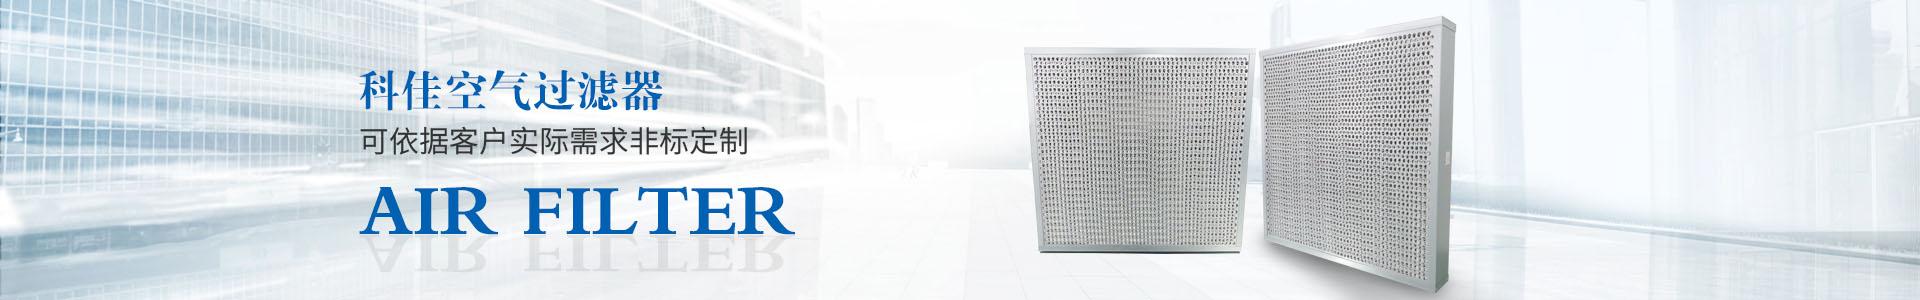 科佳空气过滤器可依据客户实际需求非标定制